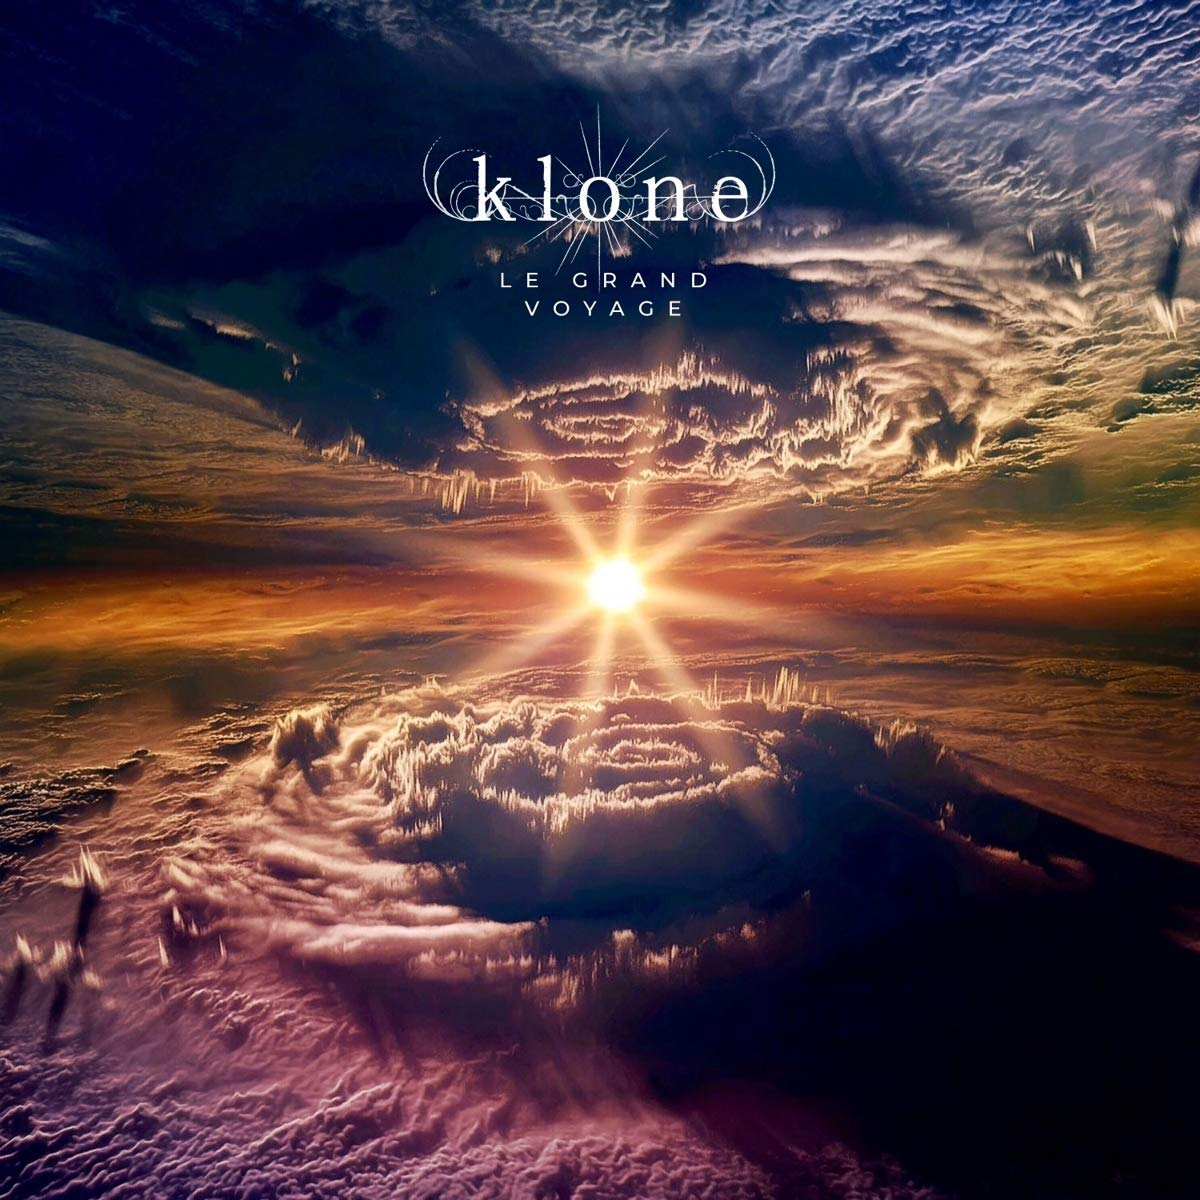 Klone album